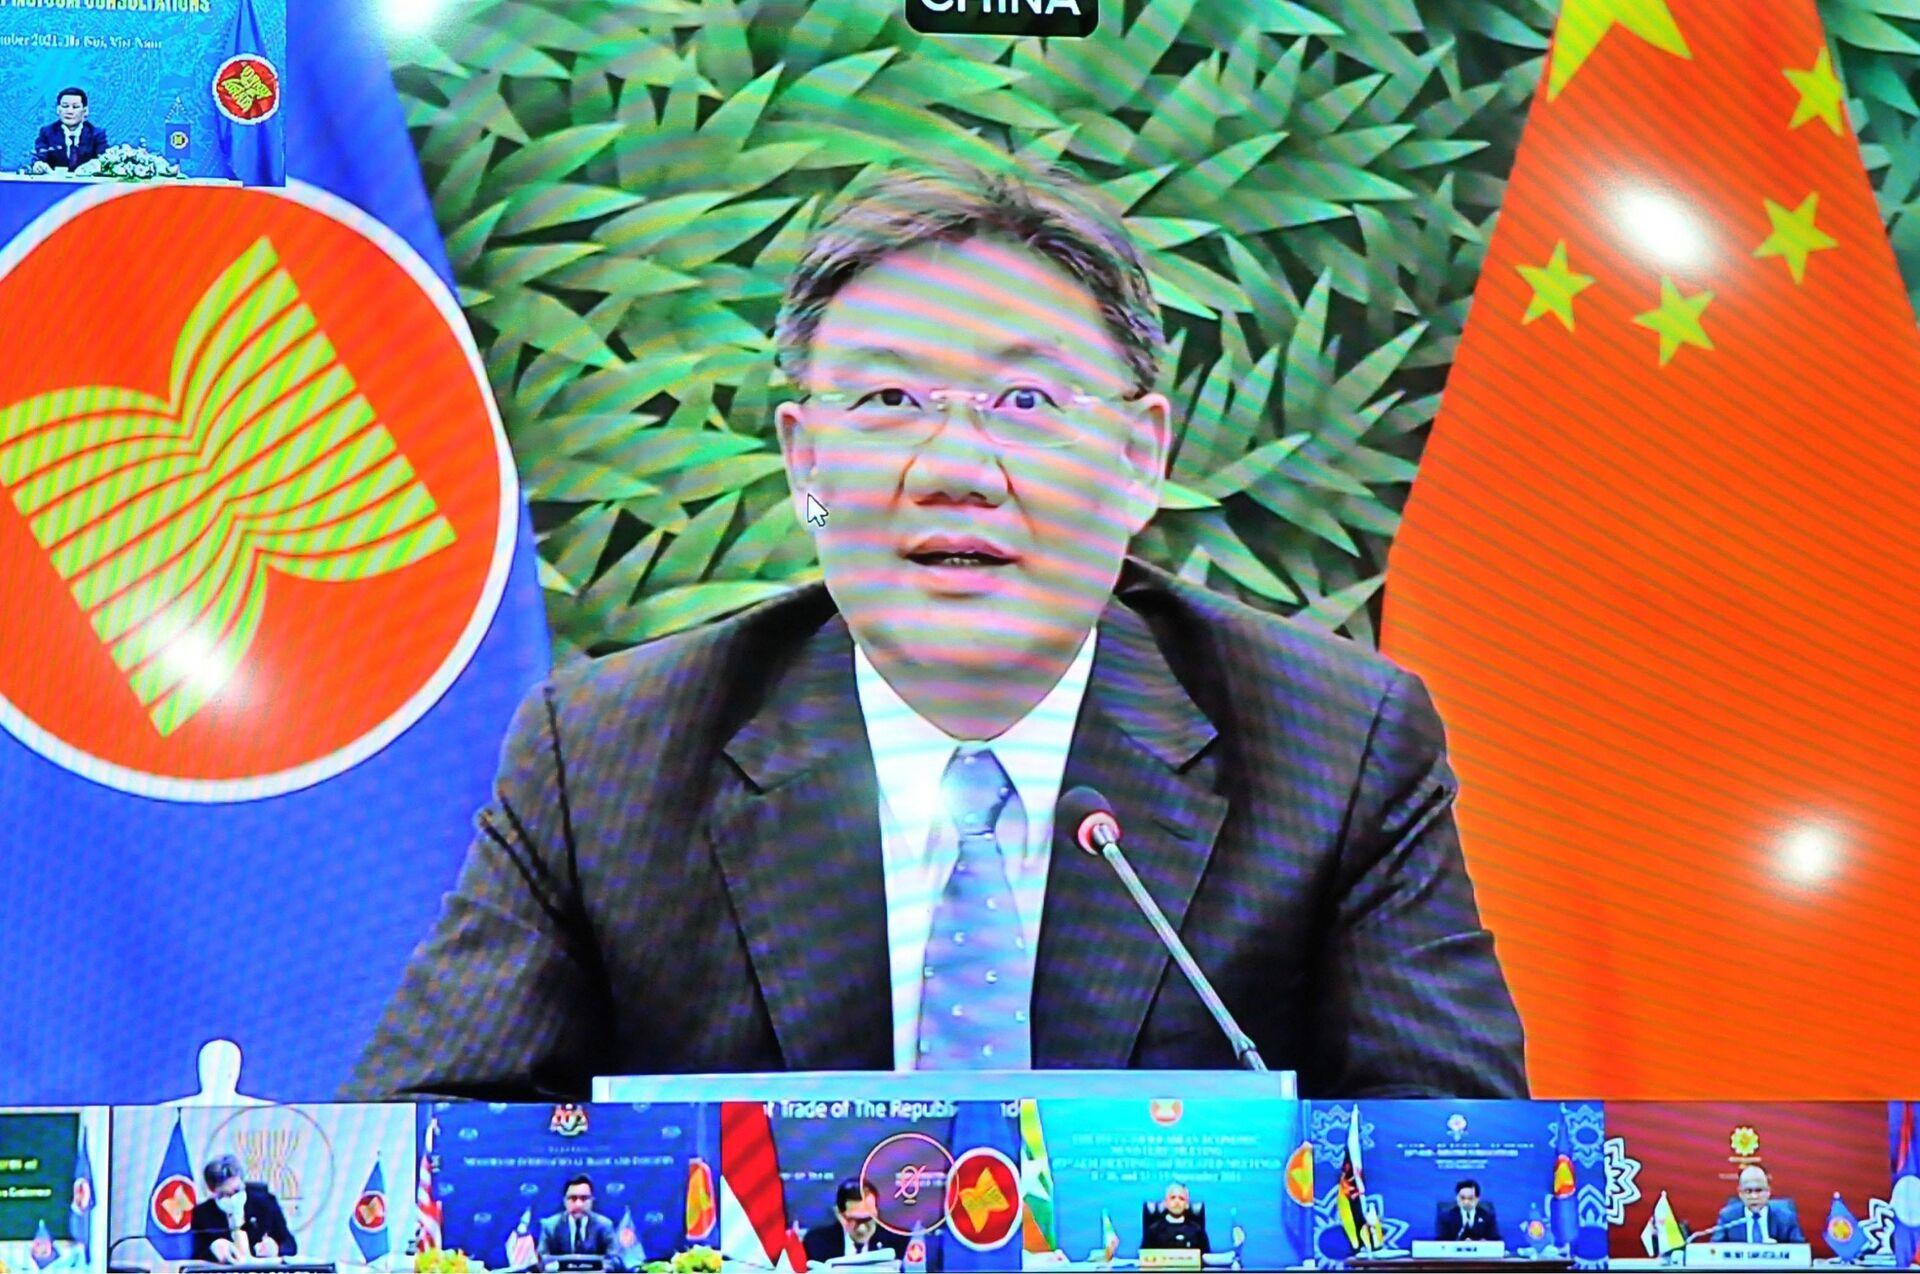 Bộ trưởng Thương mại Trung Quốc Vương Văn Đào phát biểu tại Hội nghị Bộ trưởng Kinh tế ASEAN - Trung Quốc lần thứ 20 tại điểm cầu Bắc Kinh - Sputnik Việt Nam, 1920, 05.10.2021